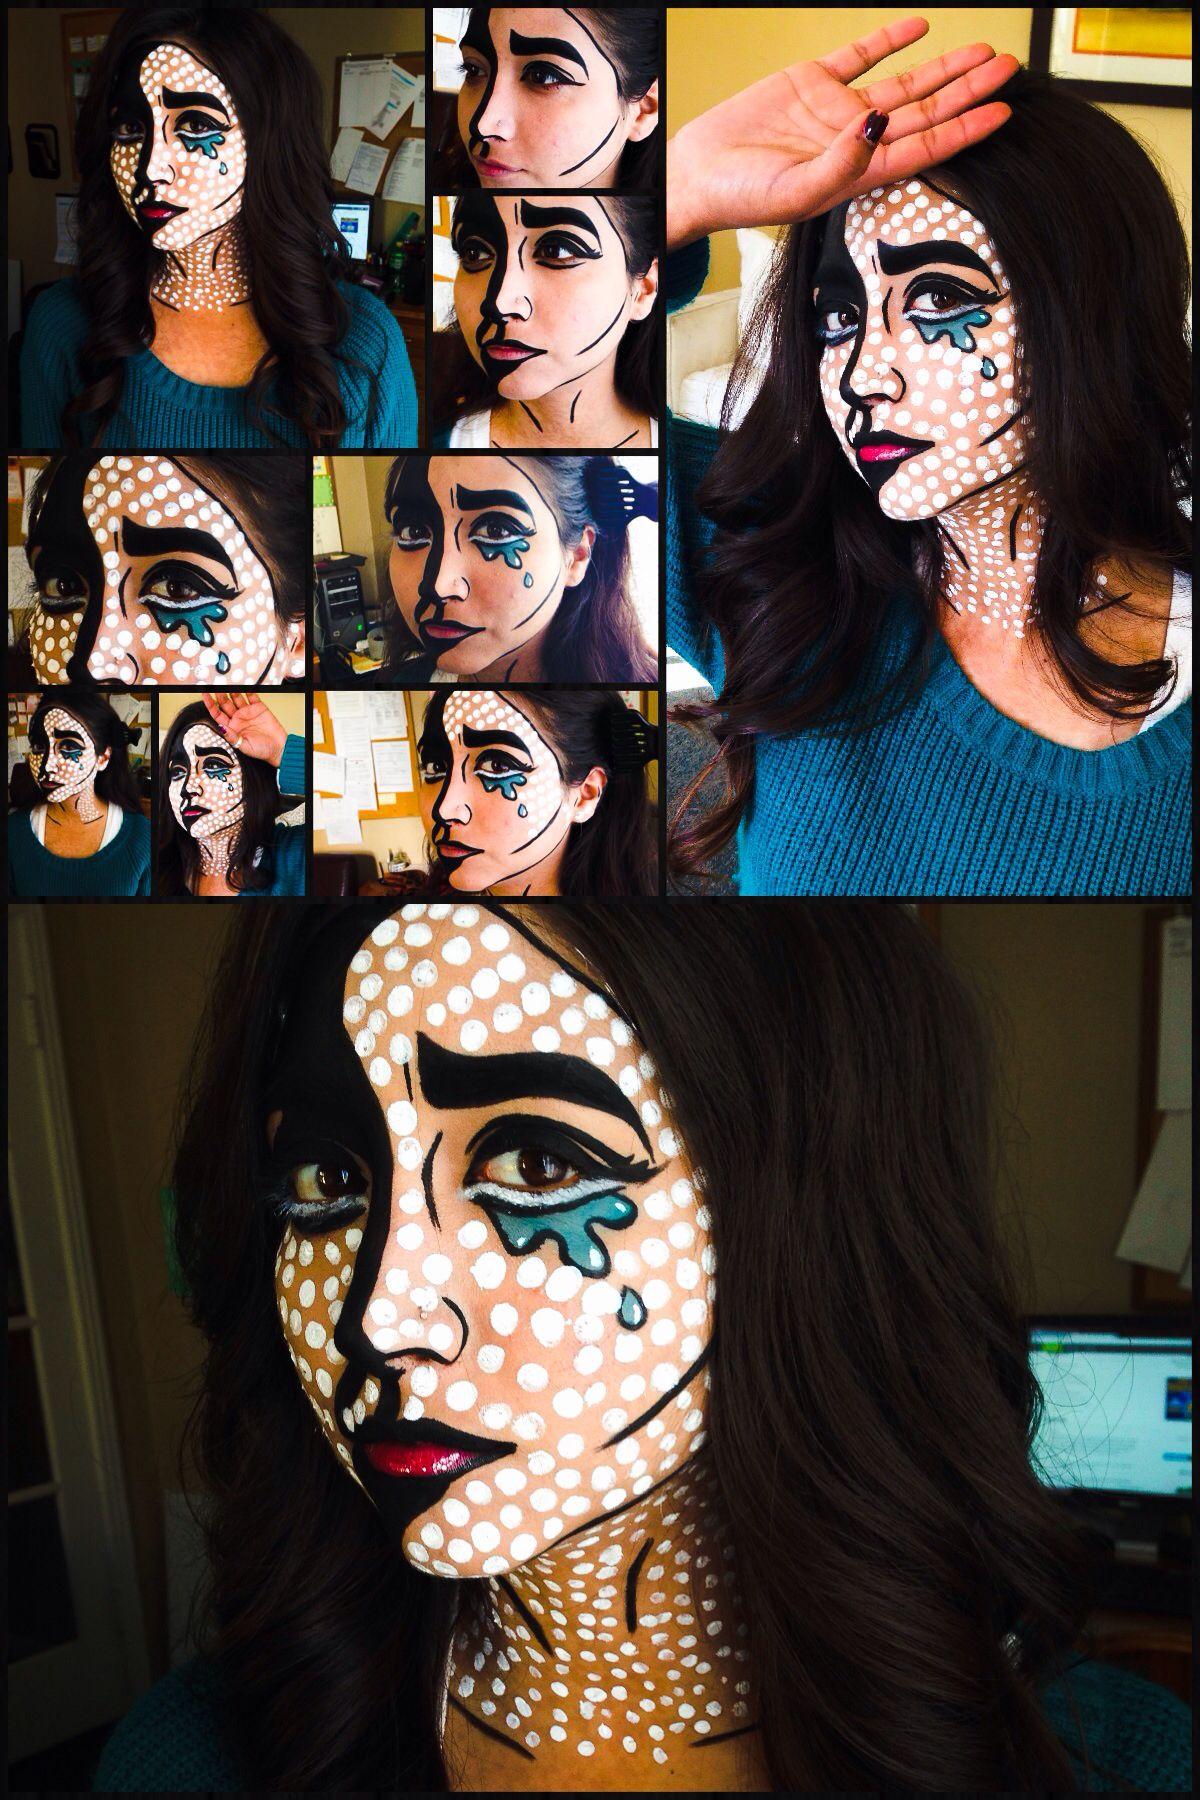 24 Spooky Halloween Makeup Ideas - no costume required!  Pop art